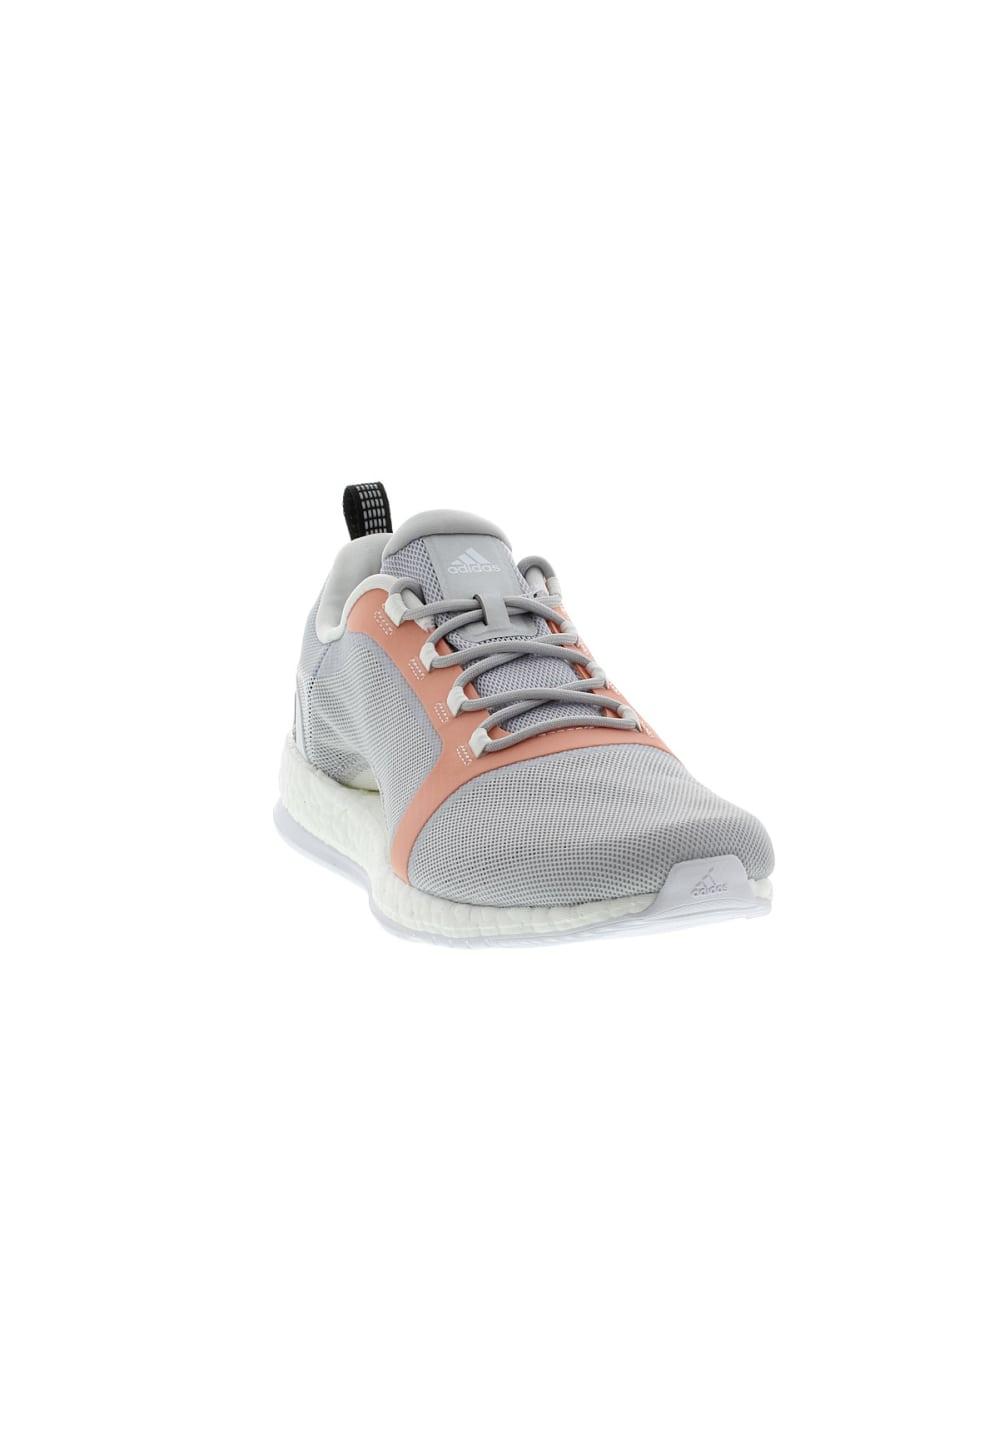 newest be9b8 42295 Next. -50%. Dieses Produkt ist derzeit ausverkauft. adidas. Pure Boost X  Trainer 2 - Fitnessschuhe für Damen